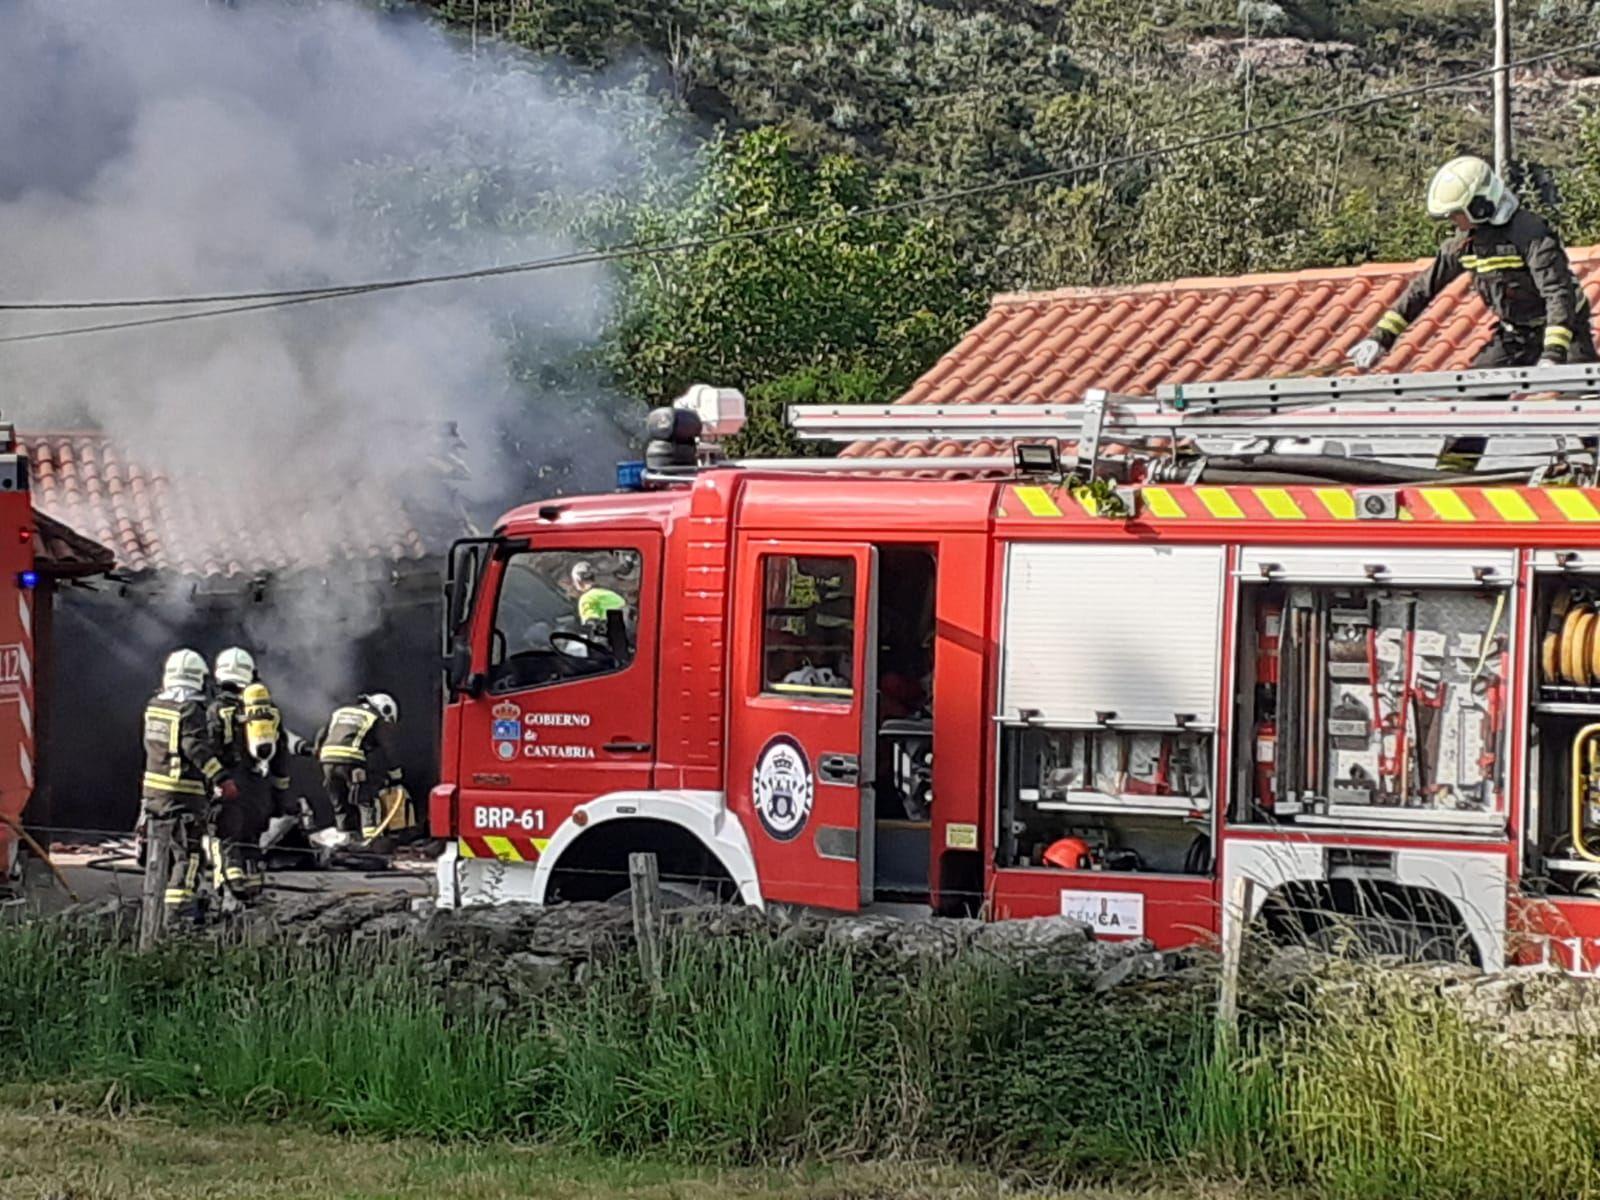 escena del incendio con bomberos en el camión y el garaje